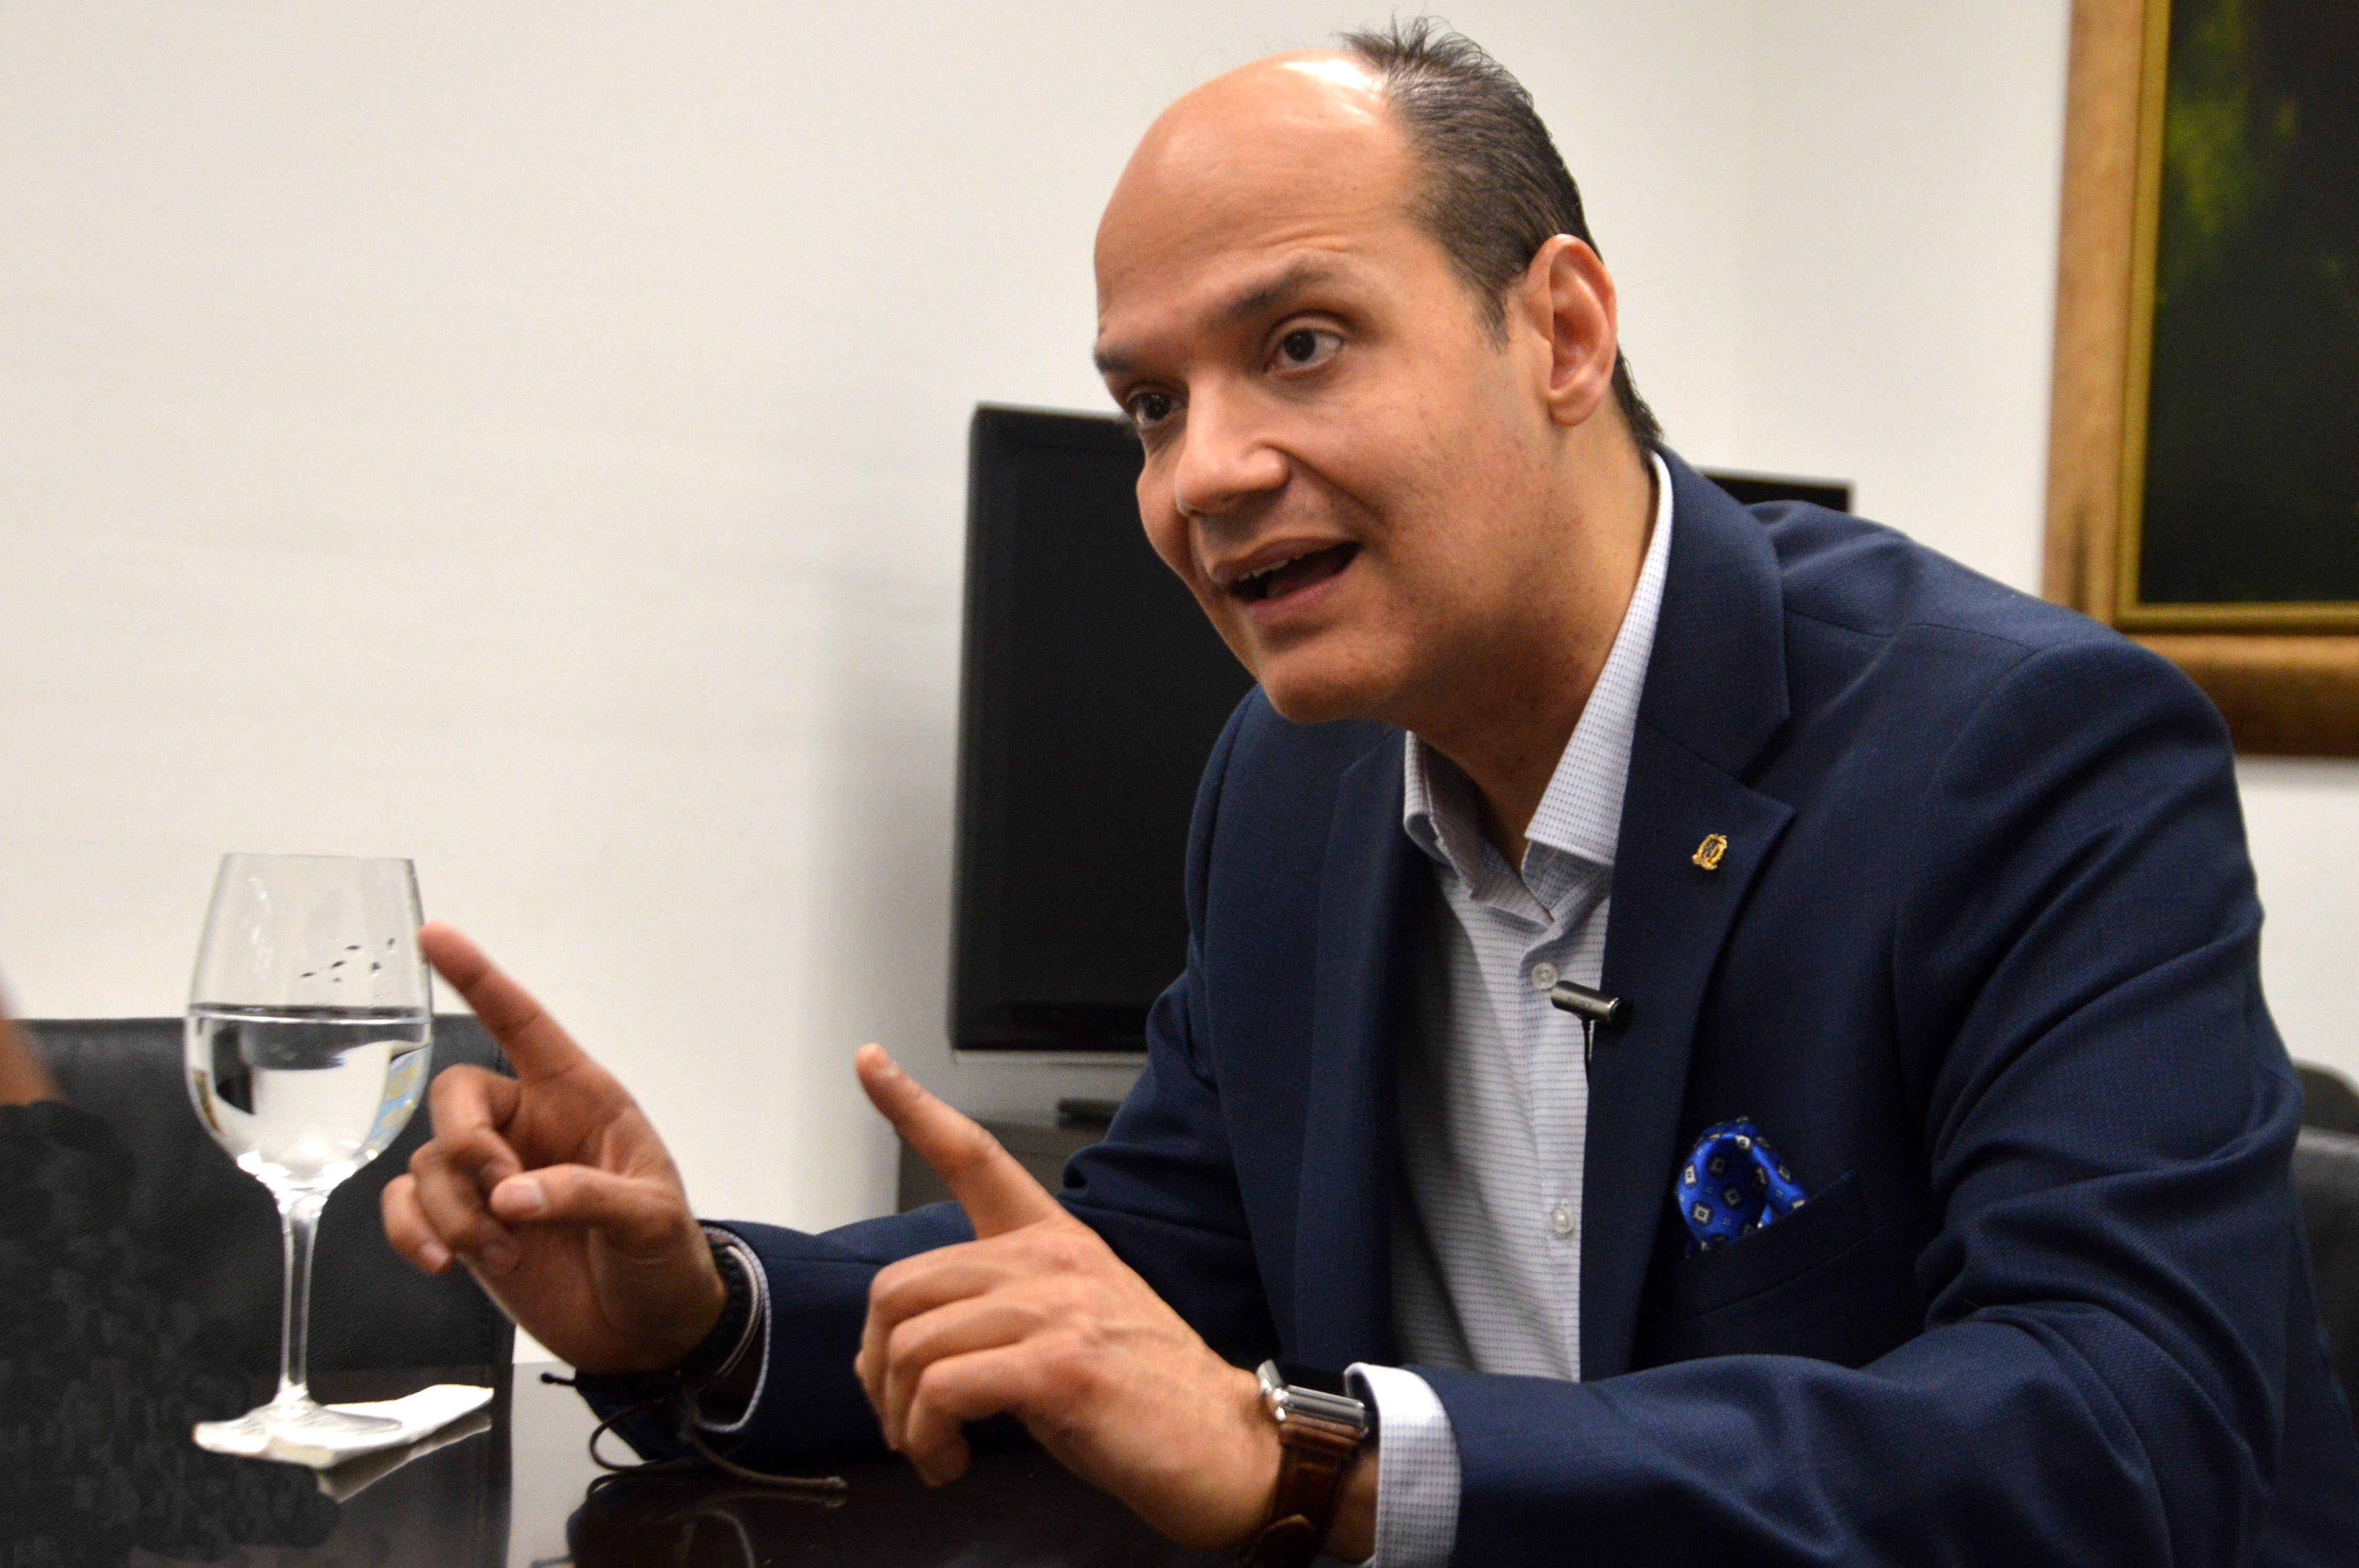 Entrevista al señor Ramfis Domínguez Trujillo, candidato a presidente de la República por el partido PDI, durante una visita a la redacción al periódico Hoy. Foto/ Napoleón Marte 29/11/2018